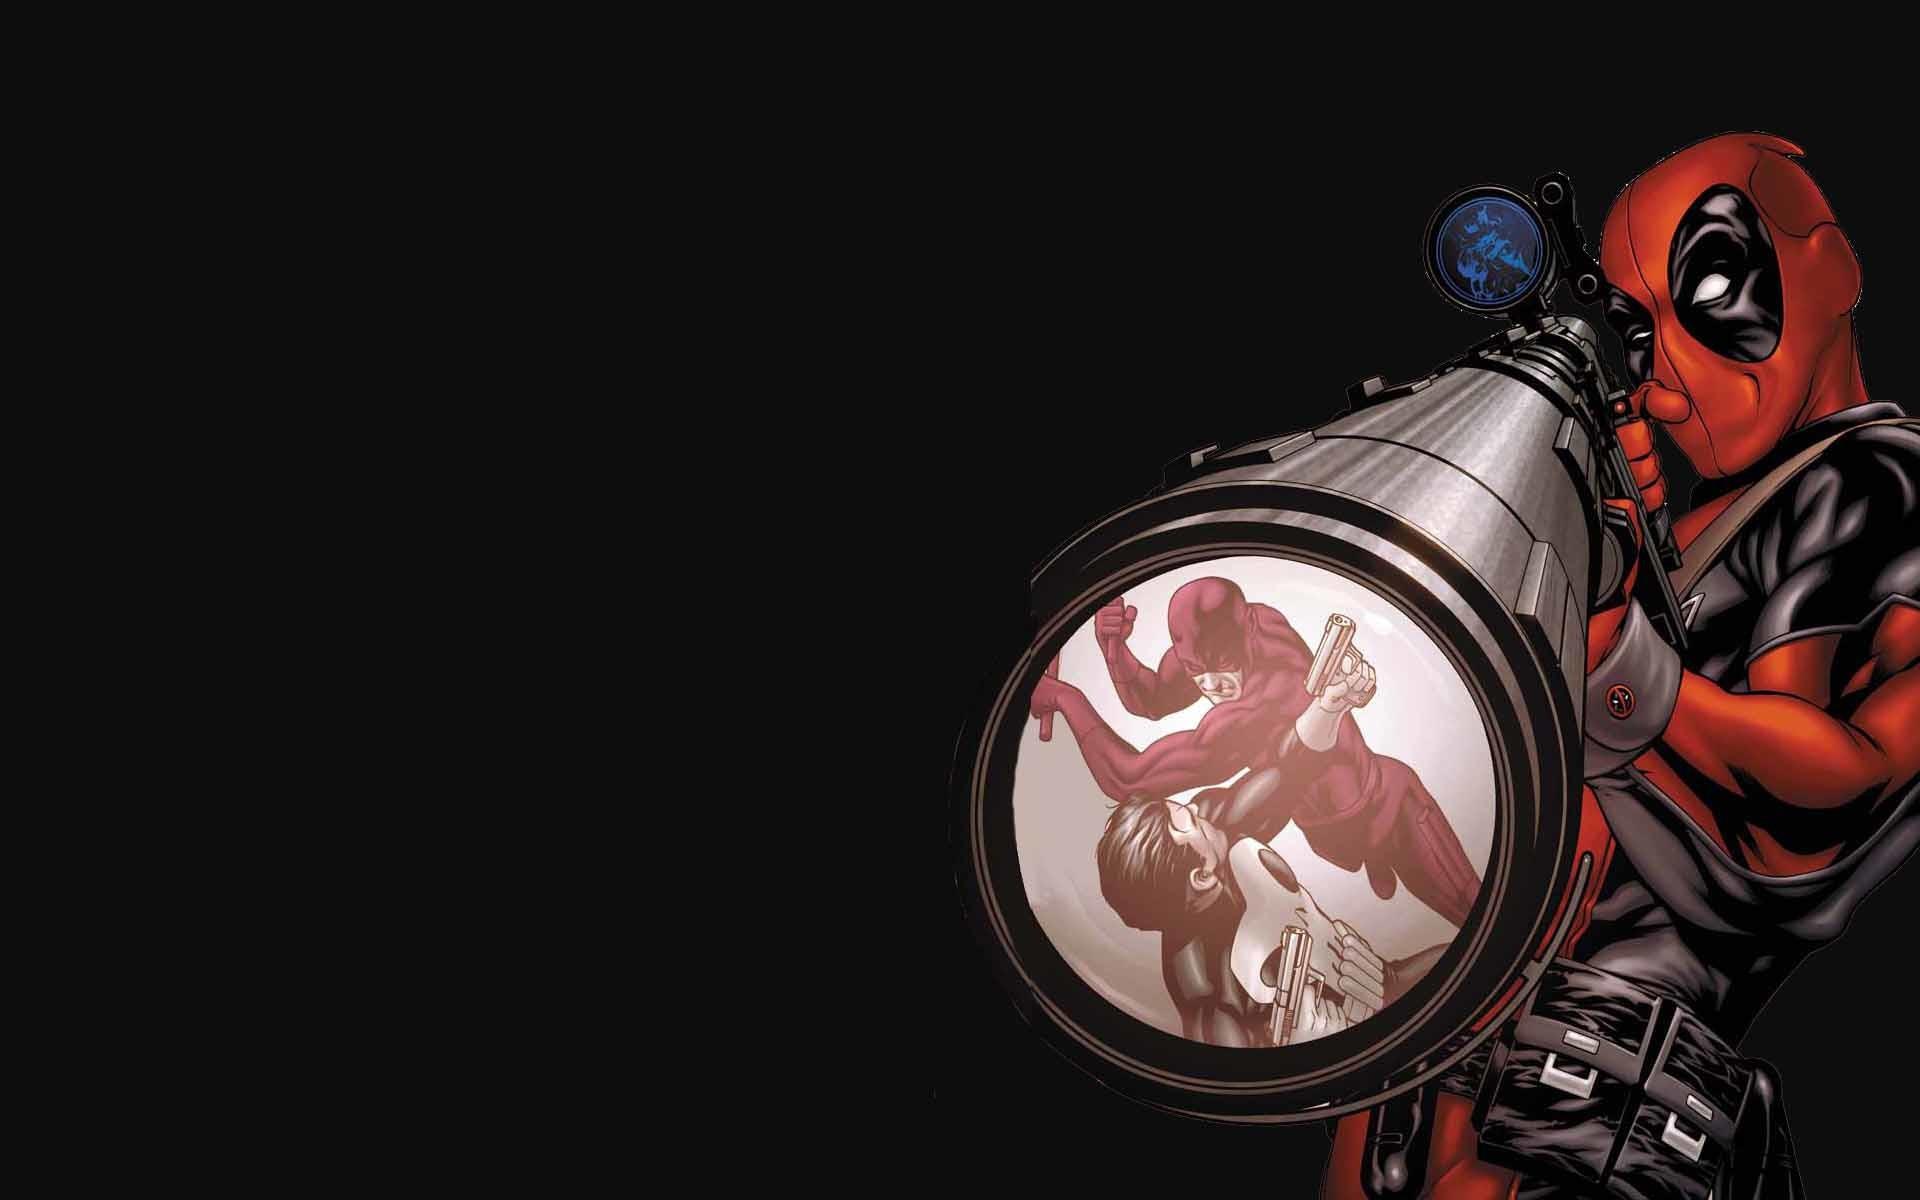 Best 20+ Deadpool wallpaper hd 1080p ideas on Pinterest | fondos de  pantalla para móviles de Batman, Cómics and Gotg vol 2